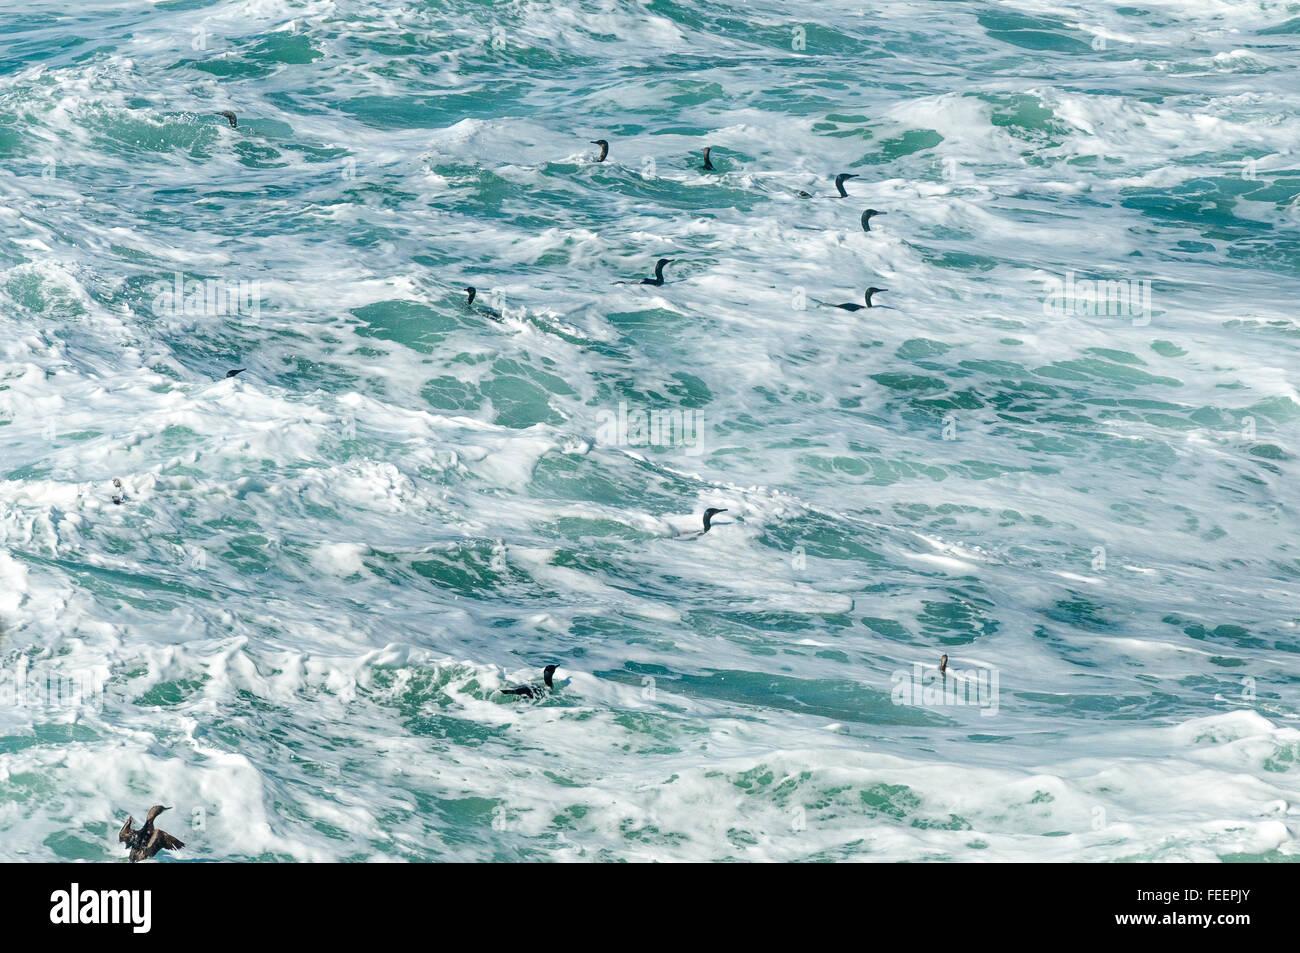 Kormorane, Seetaucher und Trauerenten fahren die heftig tobenden Brandung. Stockbild